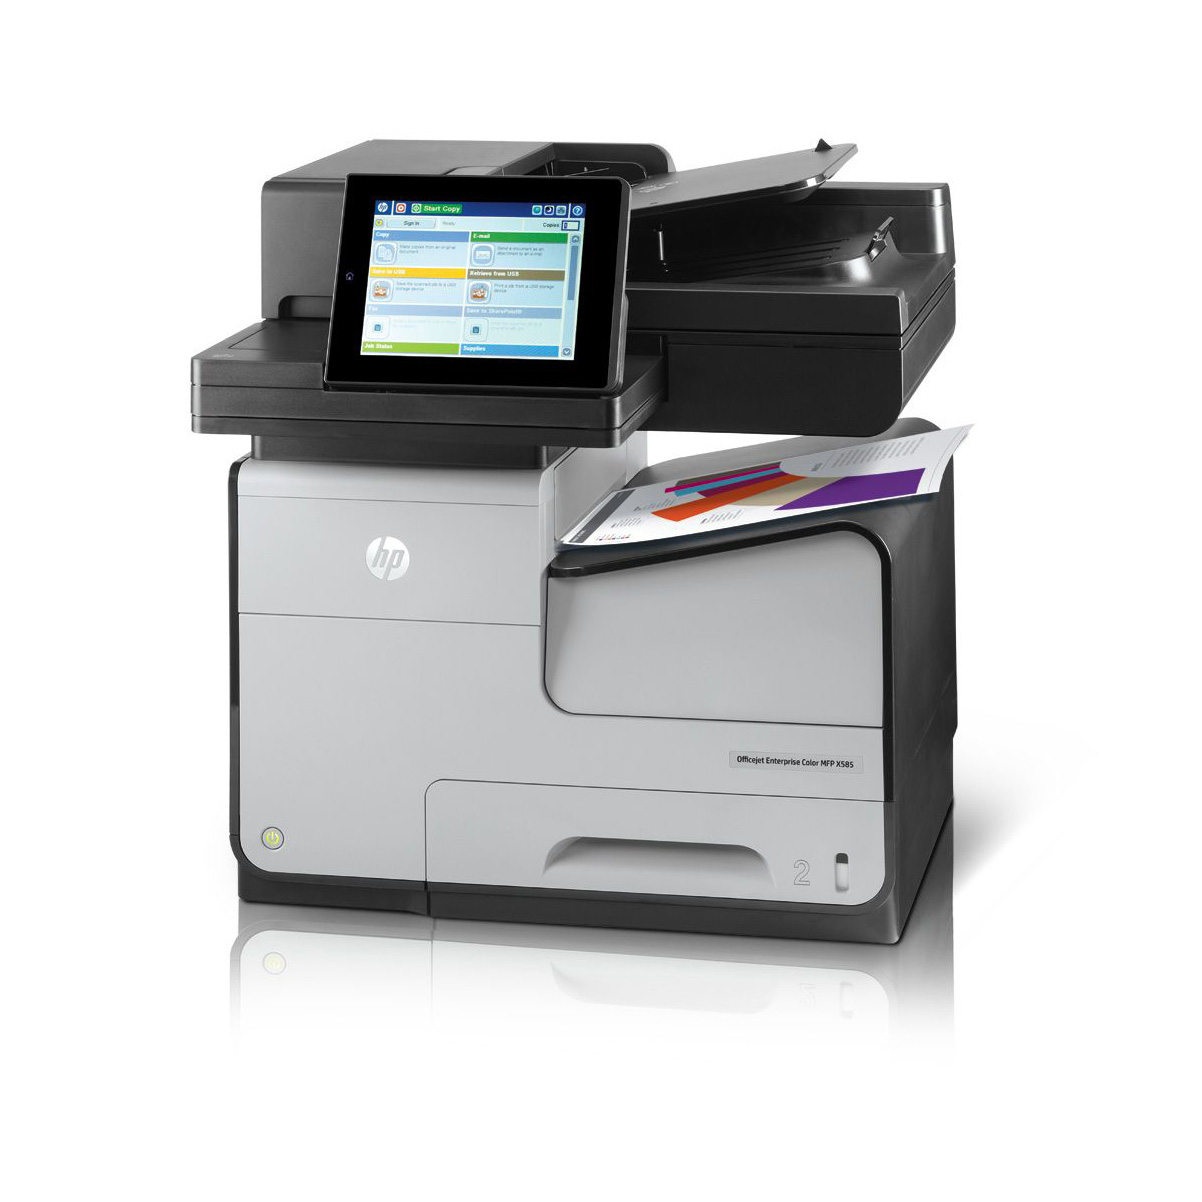 HP Officejet Enterprise Color MFP X585dn (A4,72 ppm, USB 2.0, Ethernet, Duplex, Print/Scan/Copy) - B5L04A